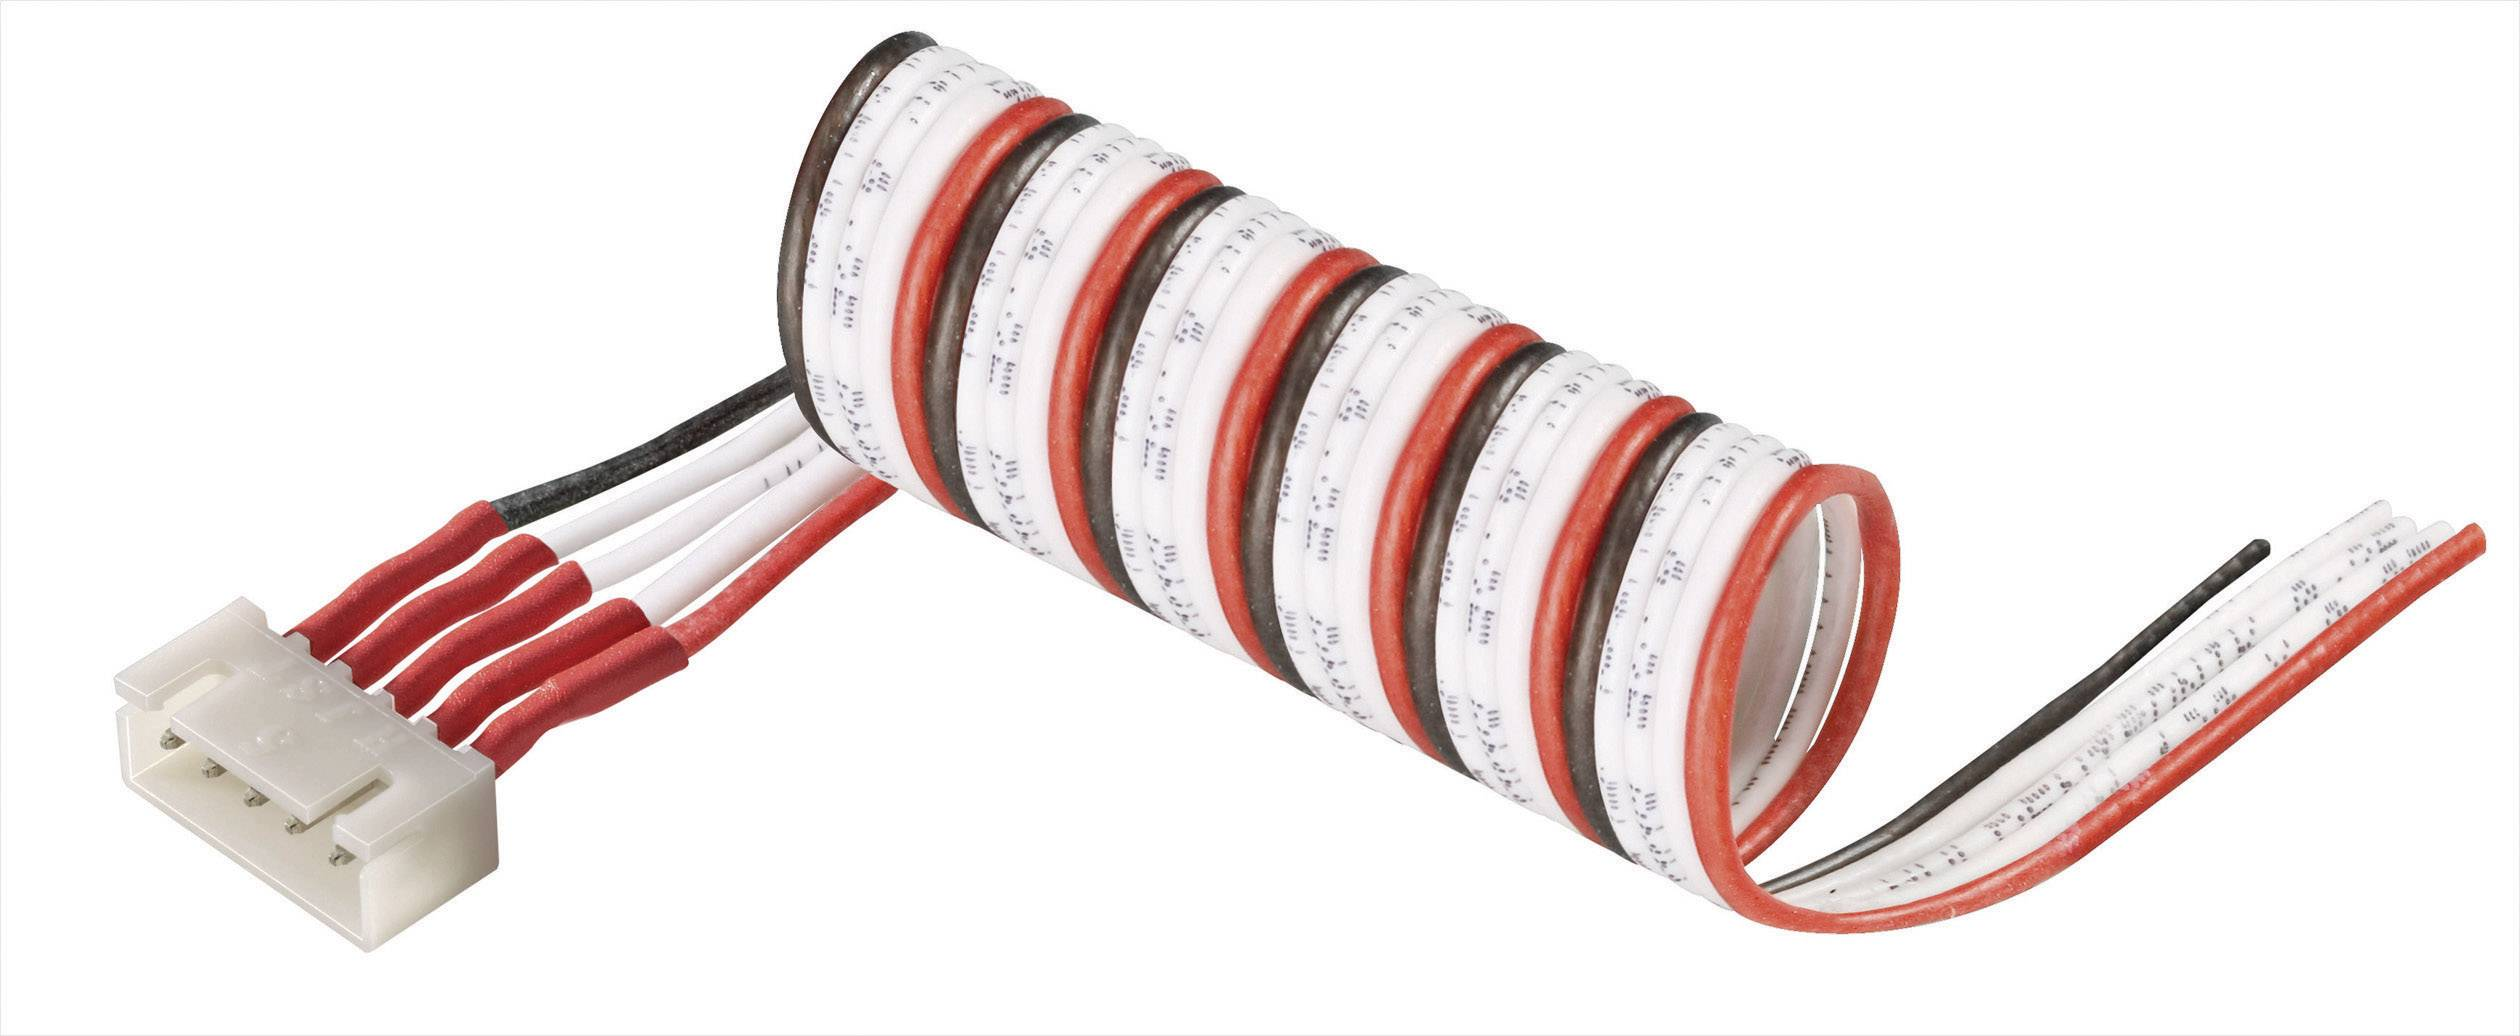 Připojovací kabel Modelcraft, pro 2 LiPol články, zástrčka XH